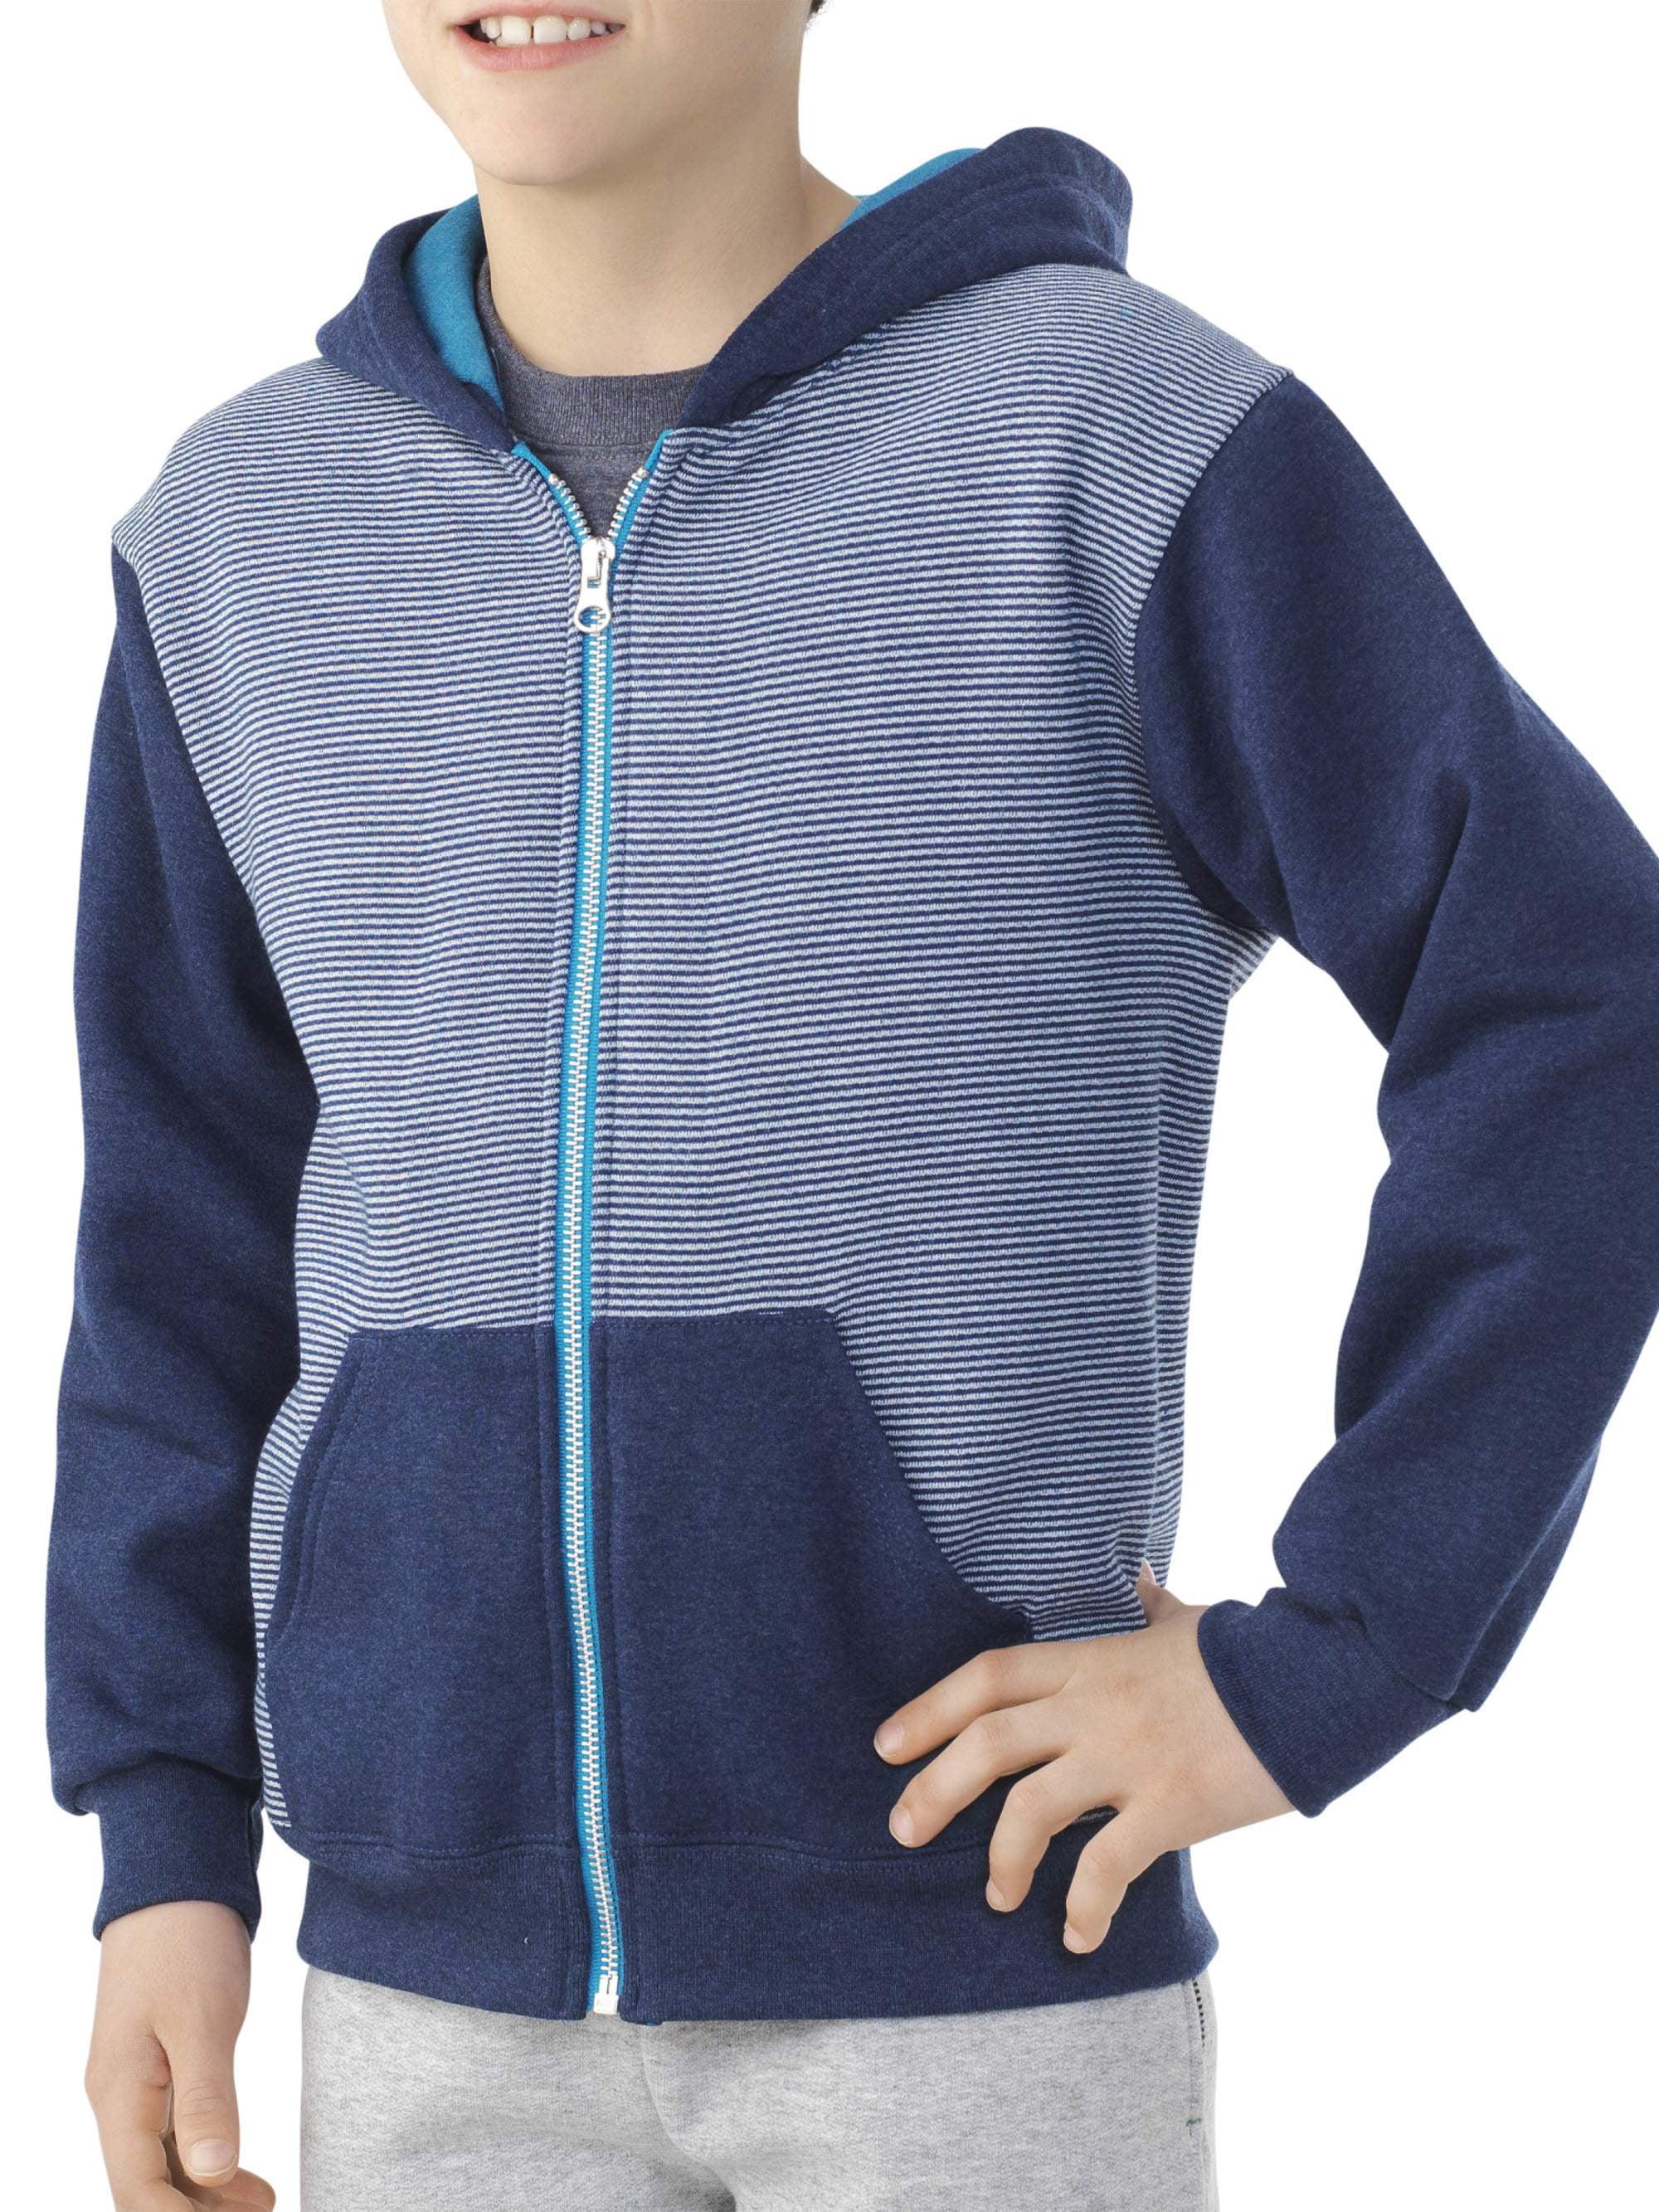 Boys' Explorer Fleece Super Soft Zip Hoodie with Contrast Sleeves